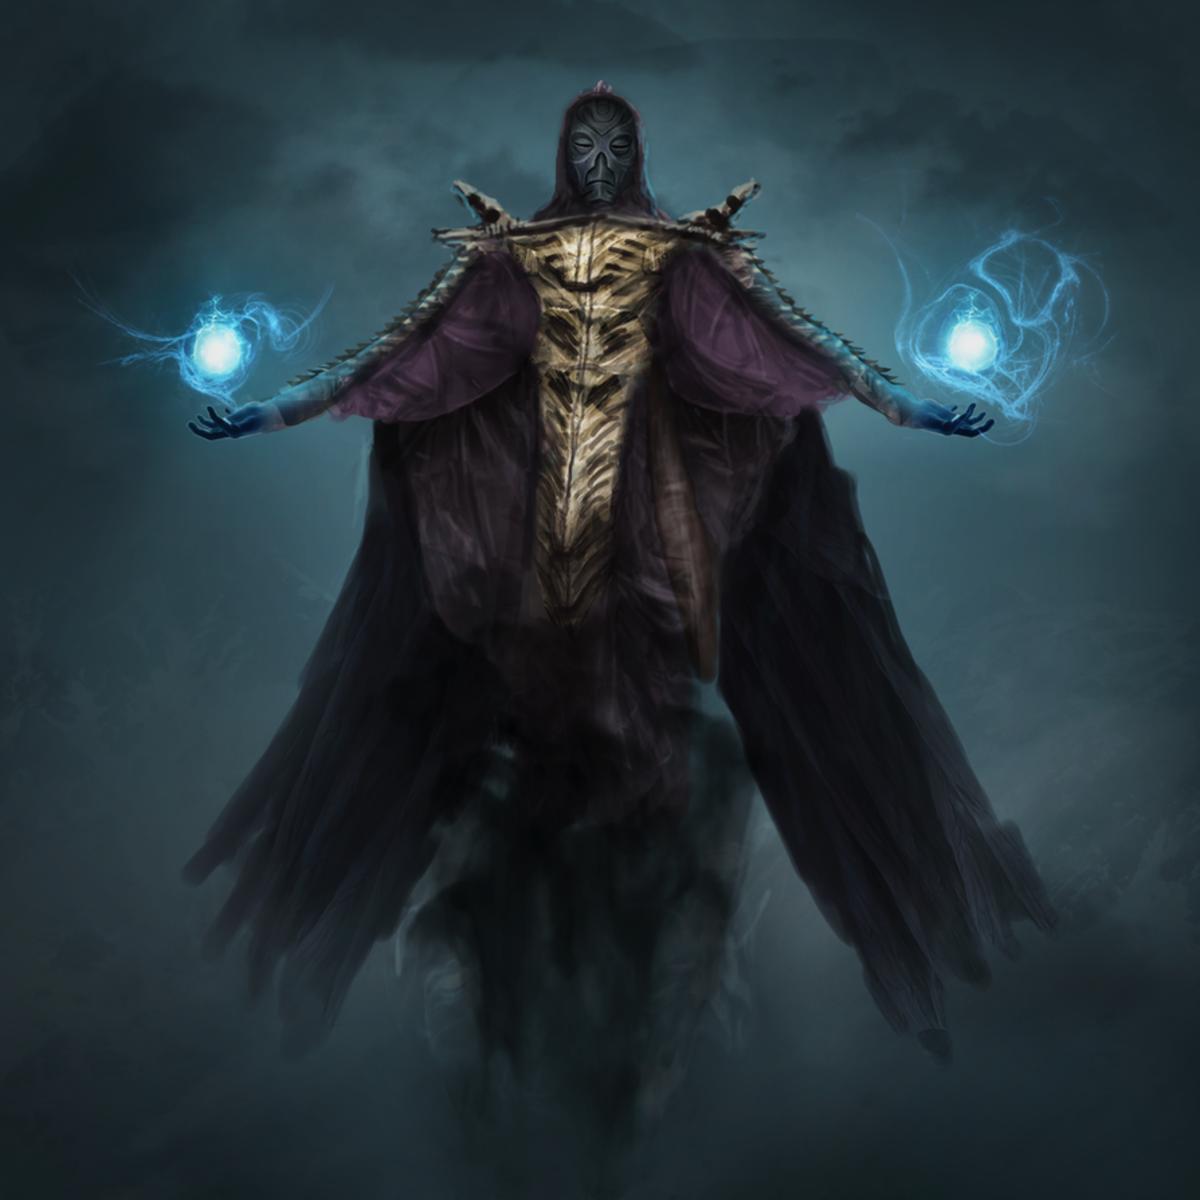 """""""The Elder Scrolls V Skyrim"""": Rorikstead Is a Dragon Cult"""